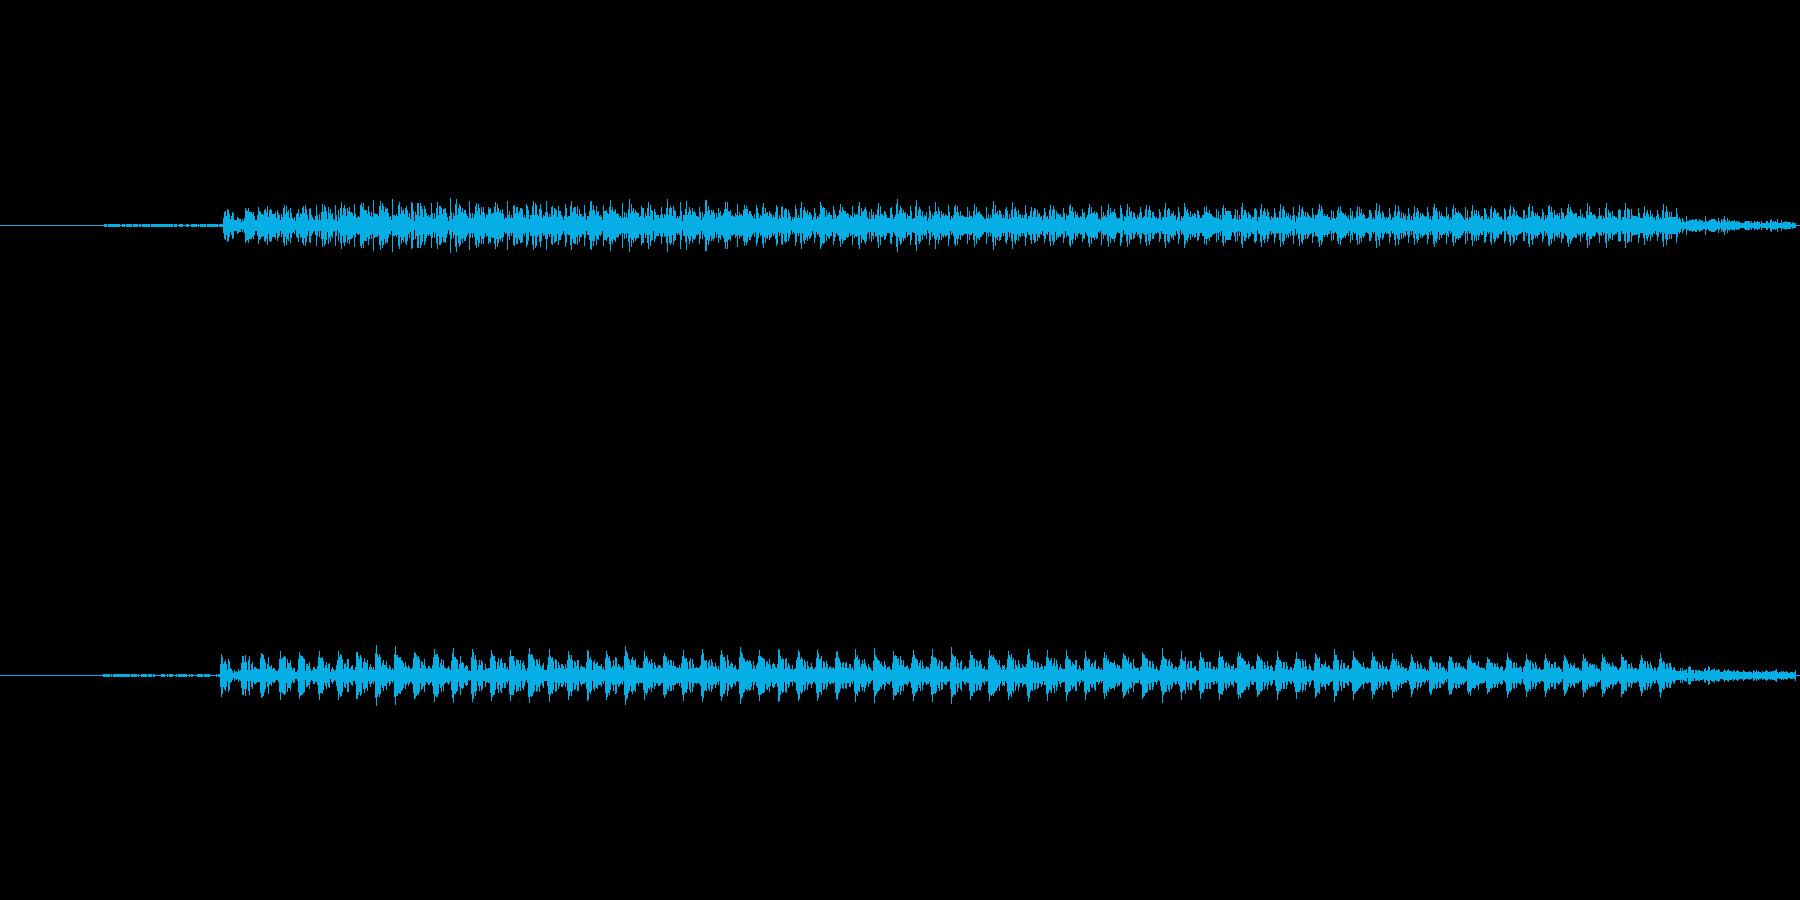 クイズ不正解1の再生済みの波形